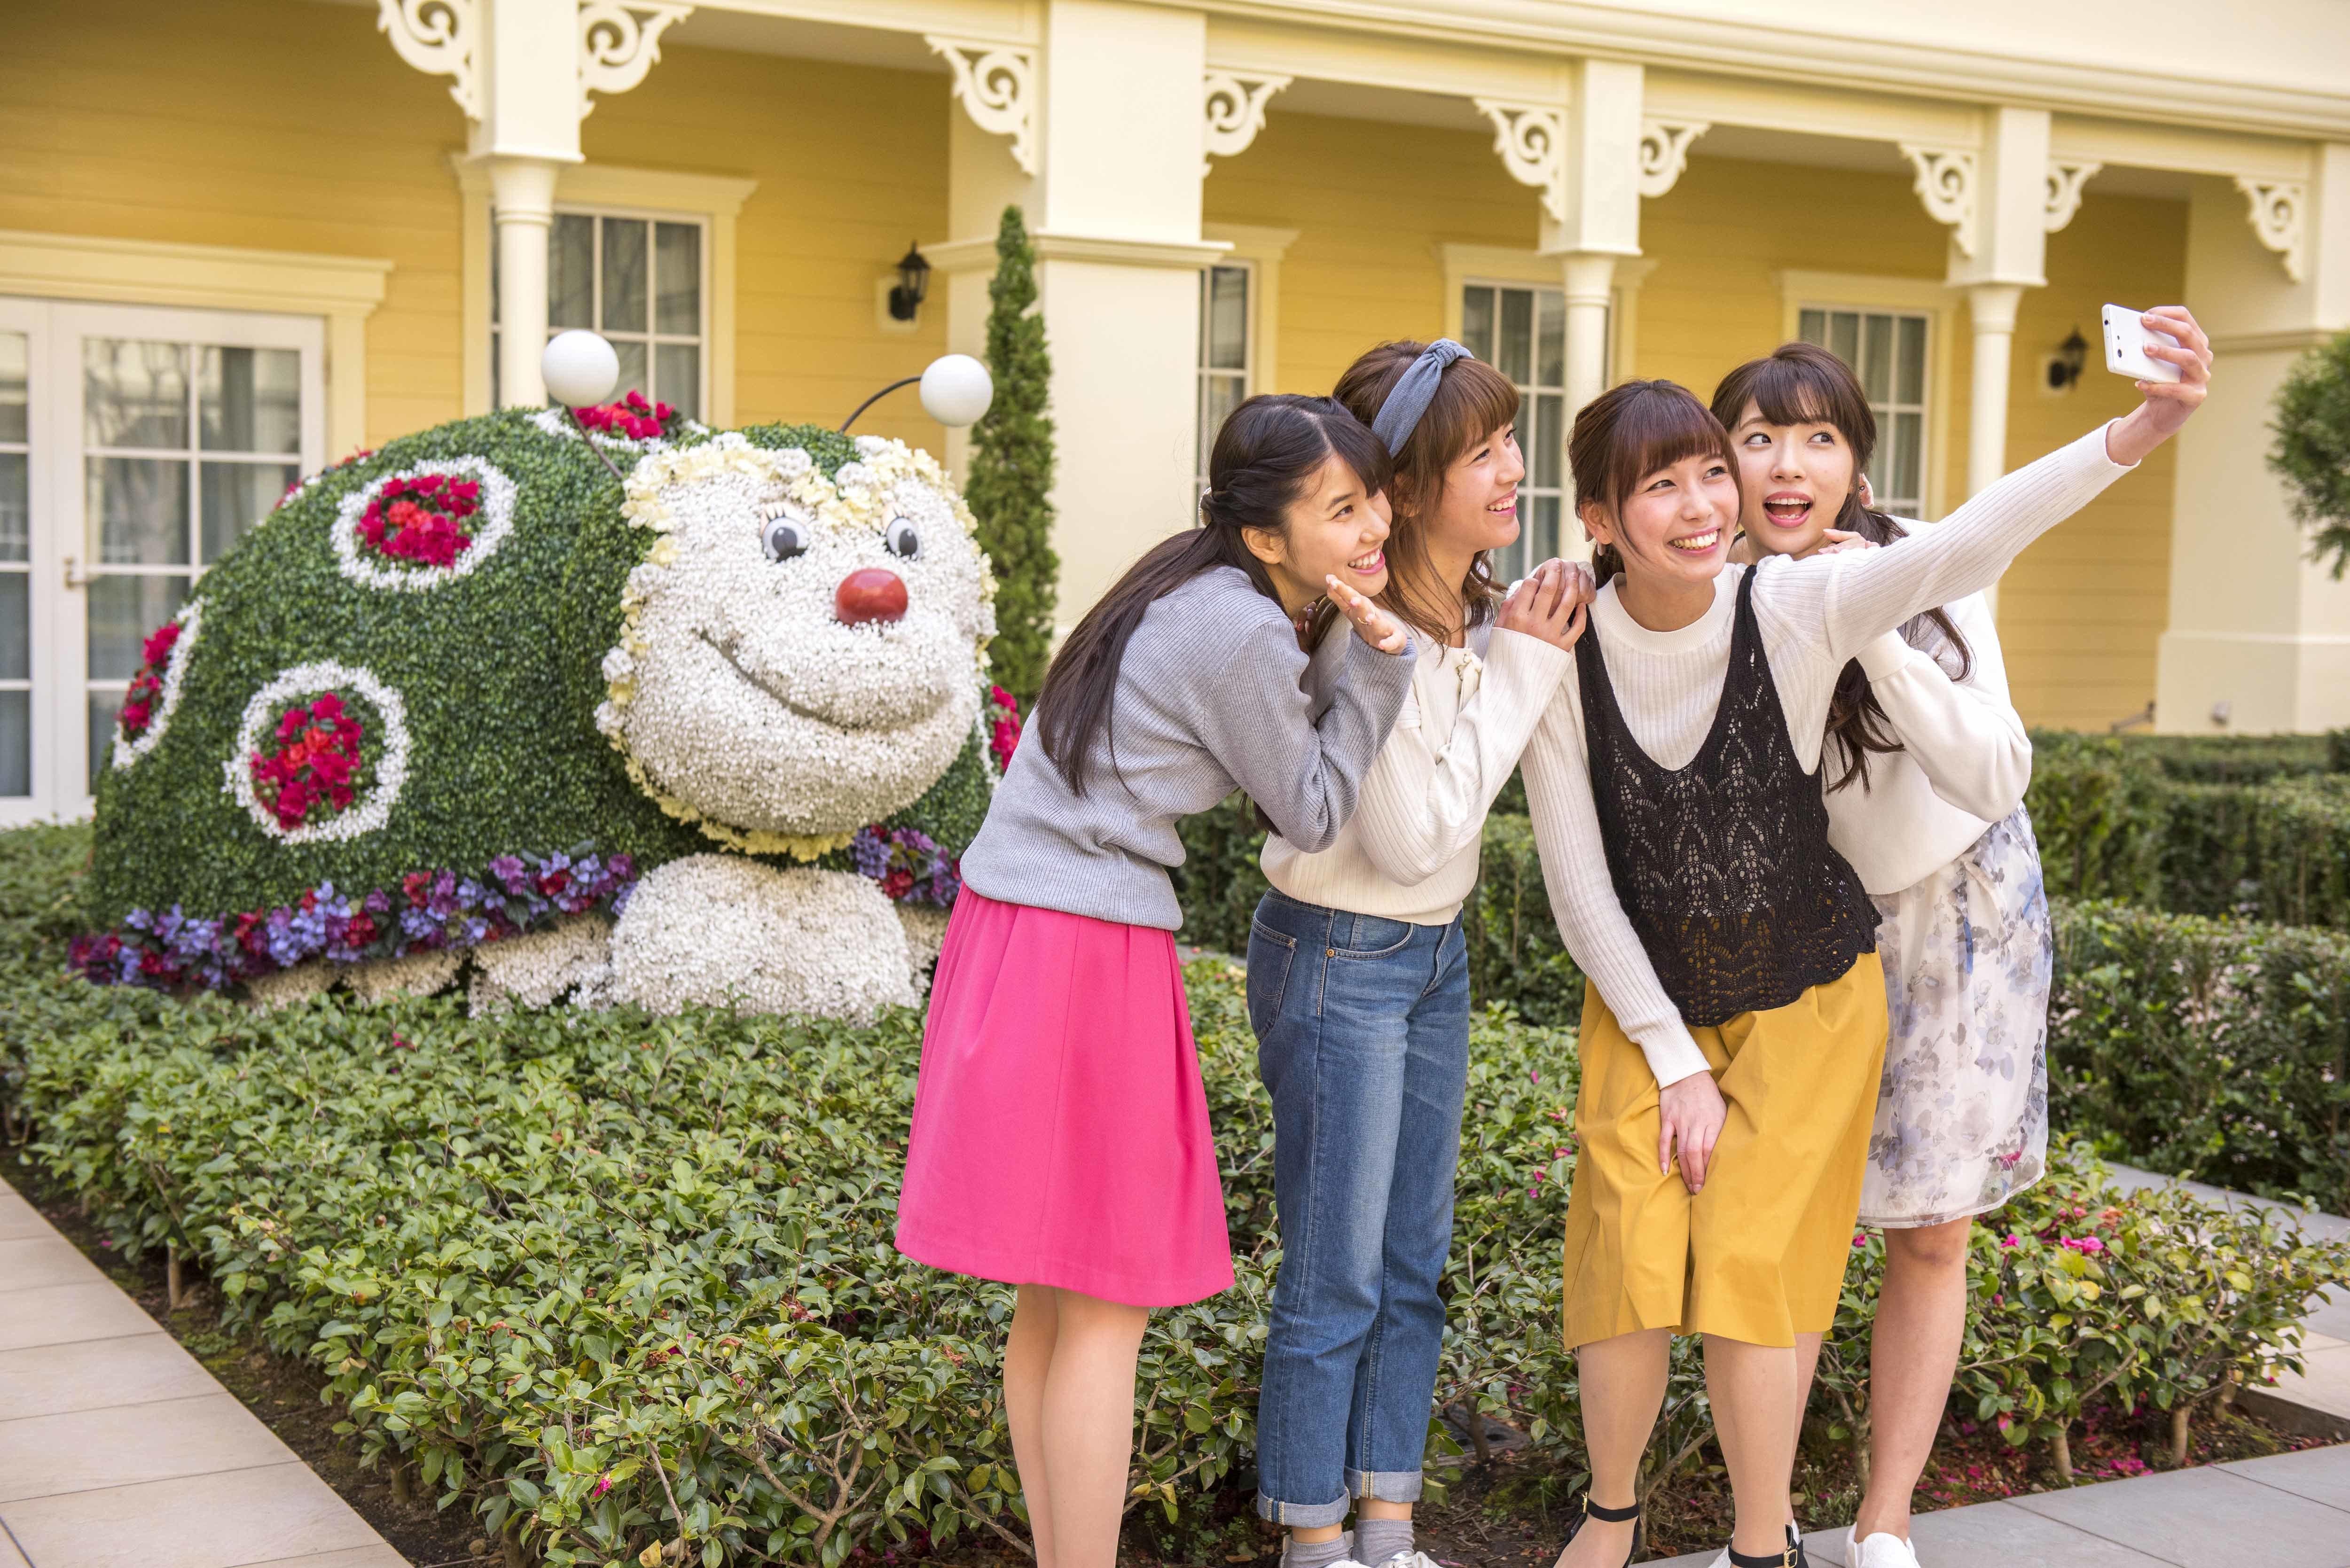 """tdr】学生限定! ディズニーホテルに格安で泊まれる""""春キャン""""プランが"""